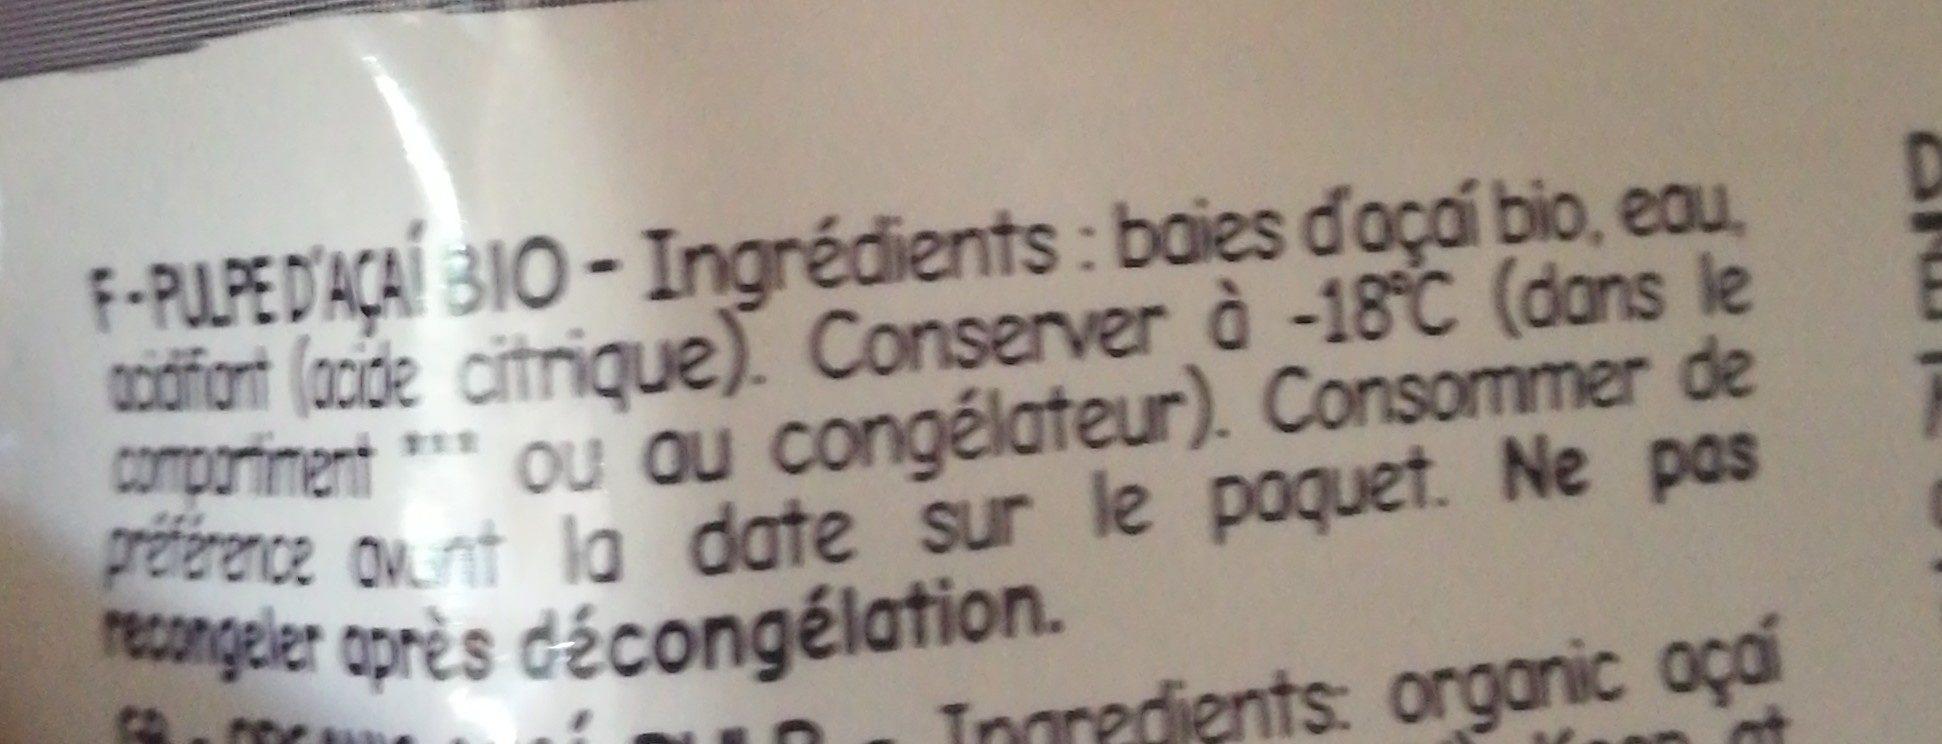 Pulpe d'açaï bio - Ingredientes - fr